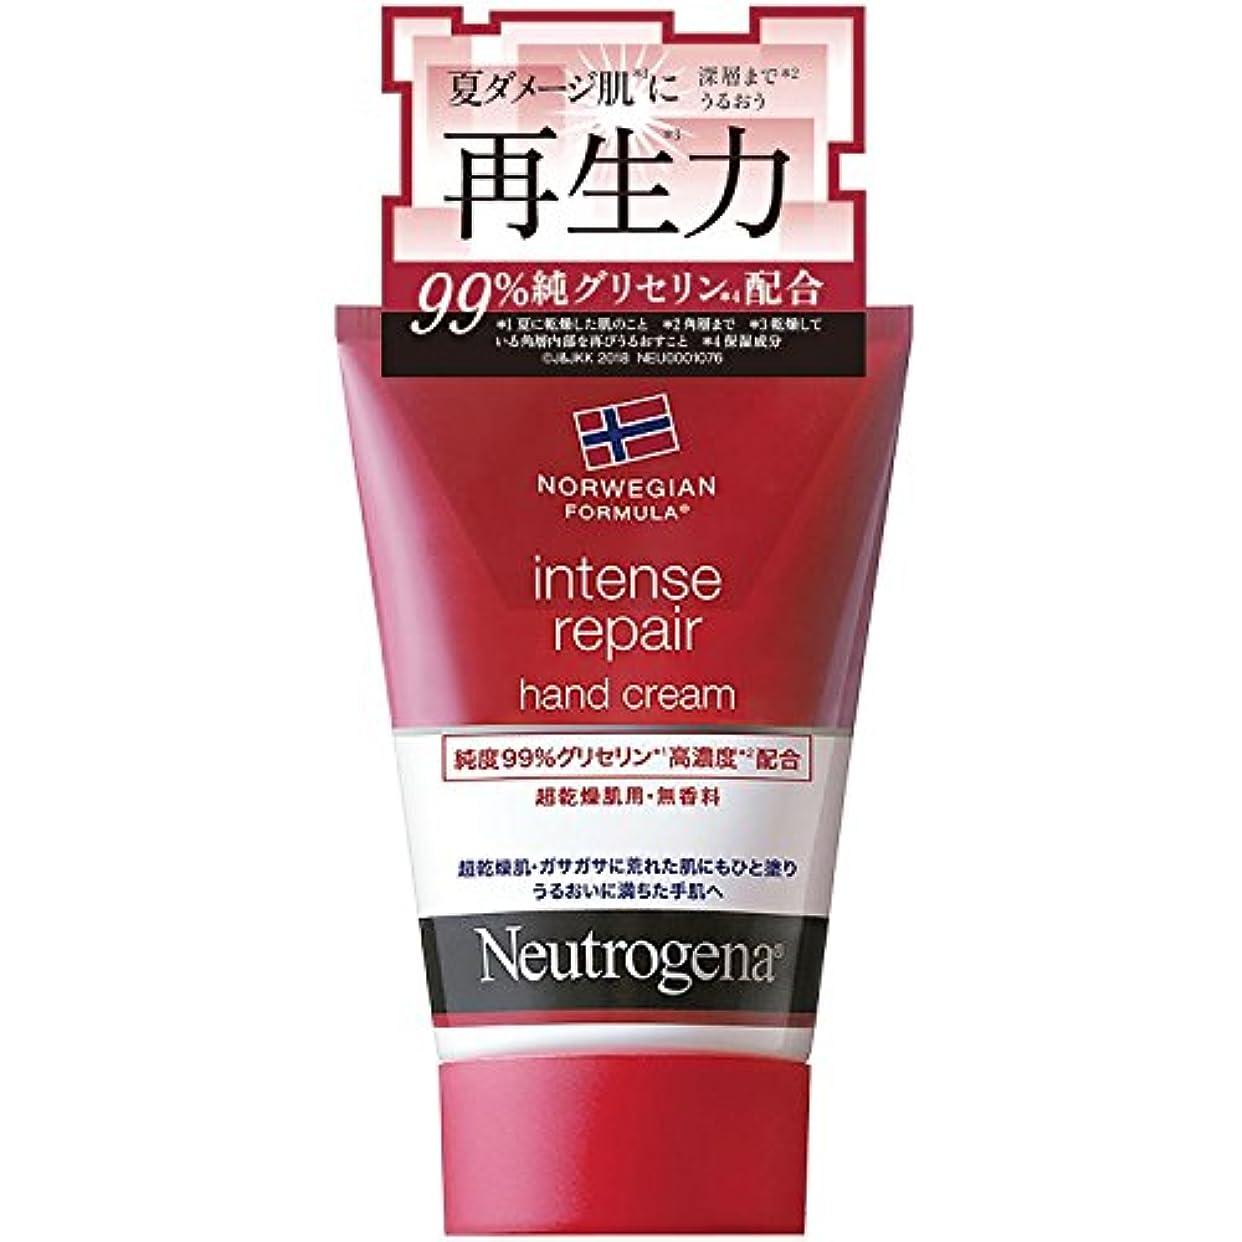 表現資格リズミカルなNeutrogena(ニュートロジーナ) ノルウェーフォーミュラ インテンスリペア ハンドクリーム 超乾燥肌用 無香料 単品 50g